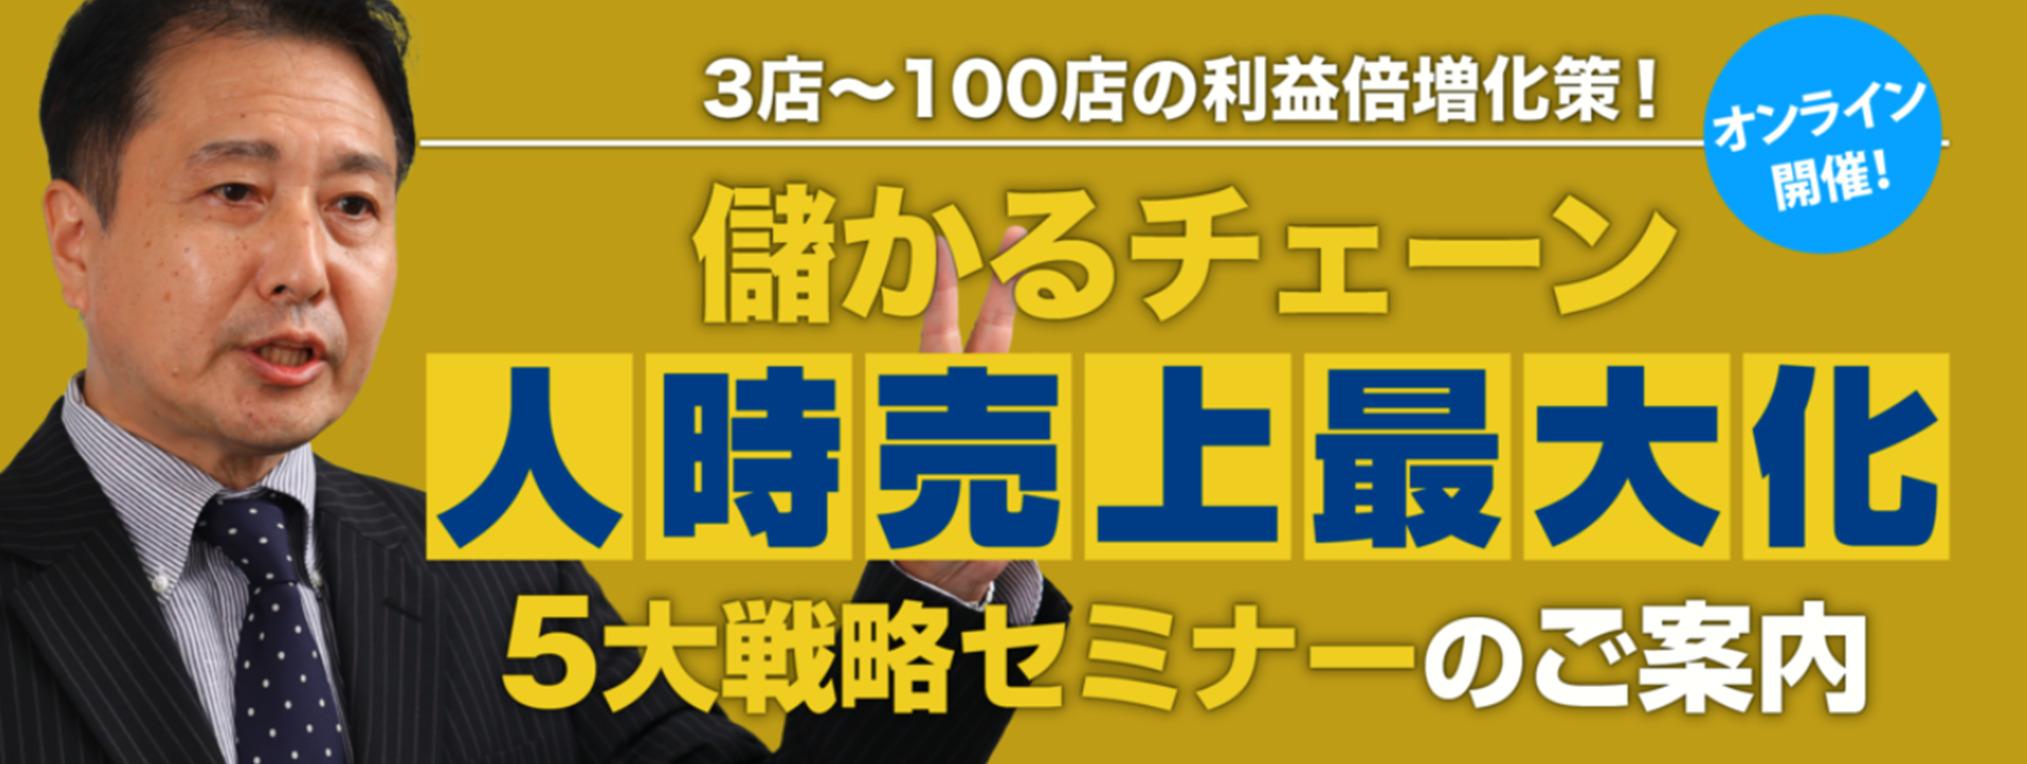 3店~100店の利益倍増化策!儲かるチェーン人時売上最大化5大戦略セミナー